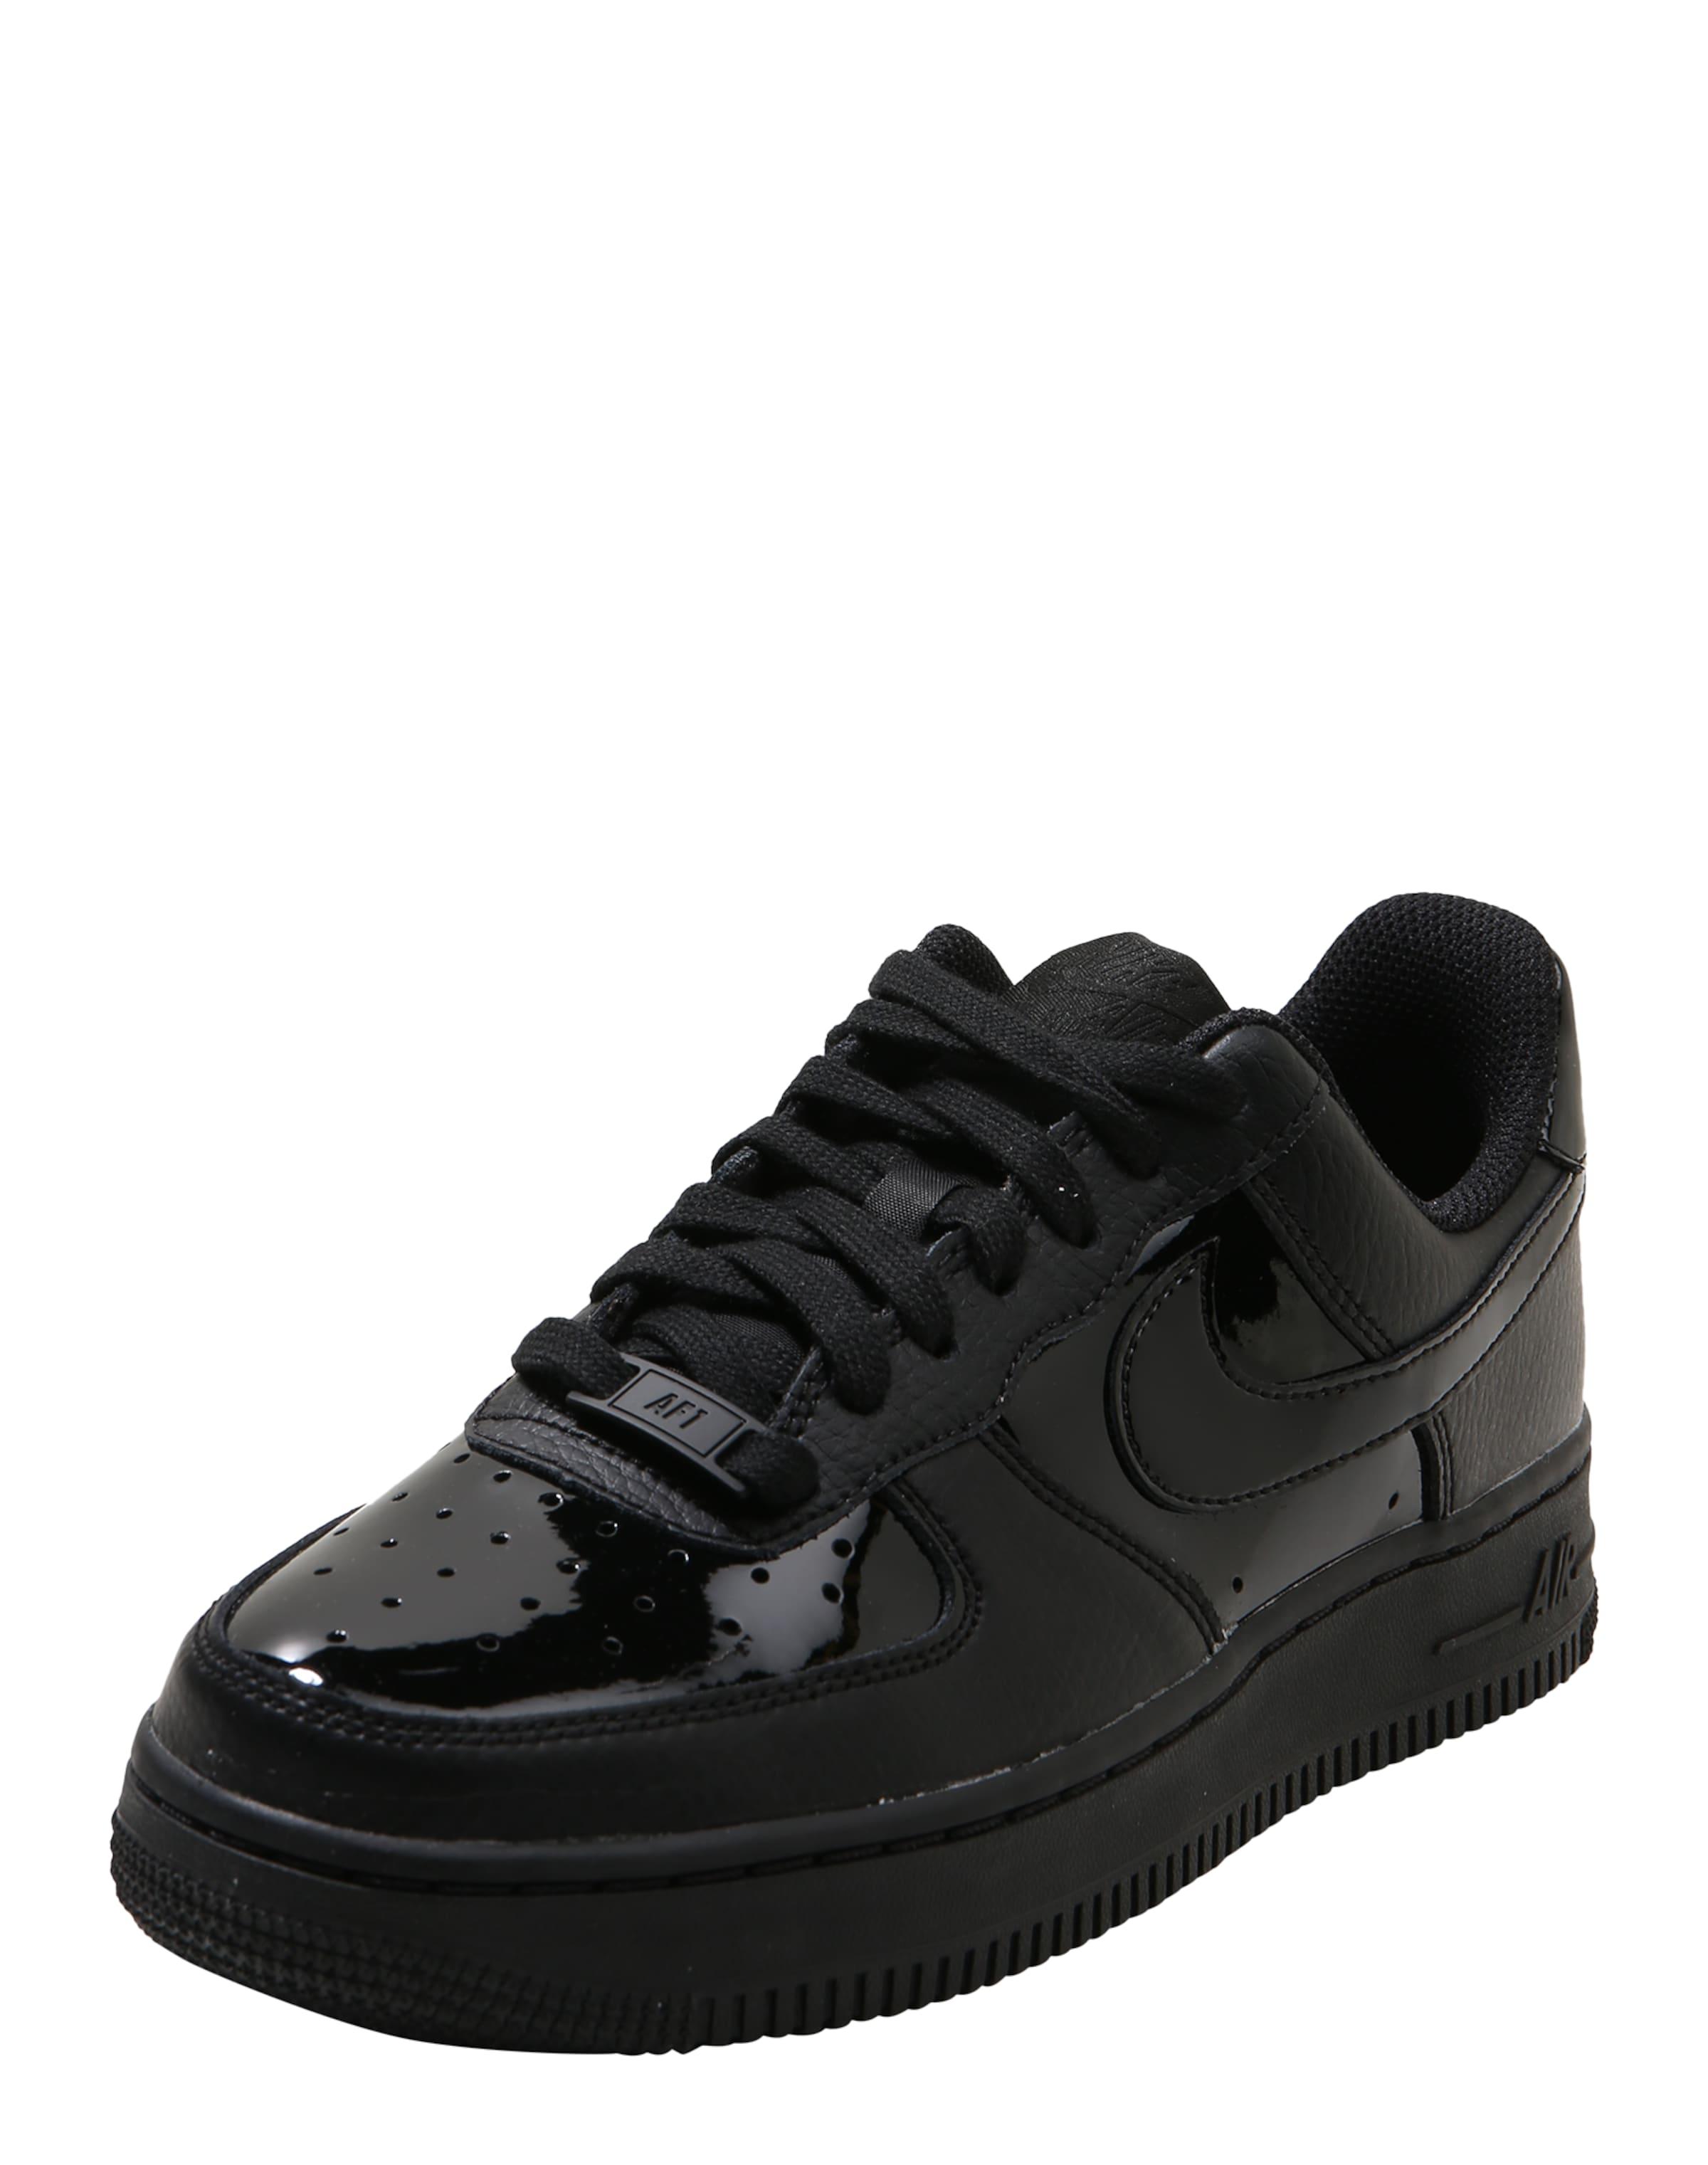 Freies Verschiffen Sehr Billig Nike Sportswear Sneaker Low 'Air force 1 '07' Günstig Kaufen Verkauf Spielraum Niedrigsten Preis Spielraum Kosten Billige Angebote Jcq35h